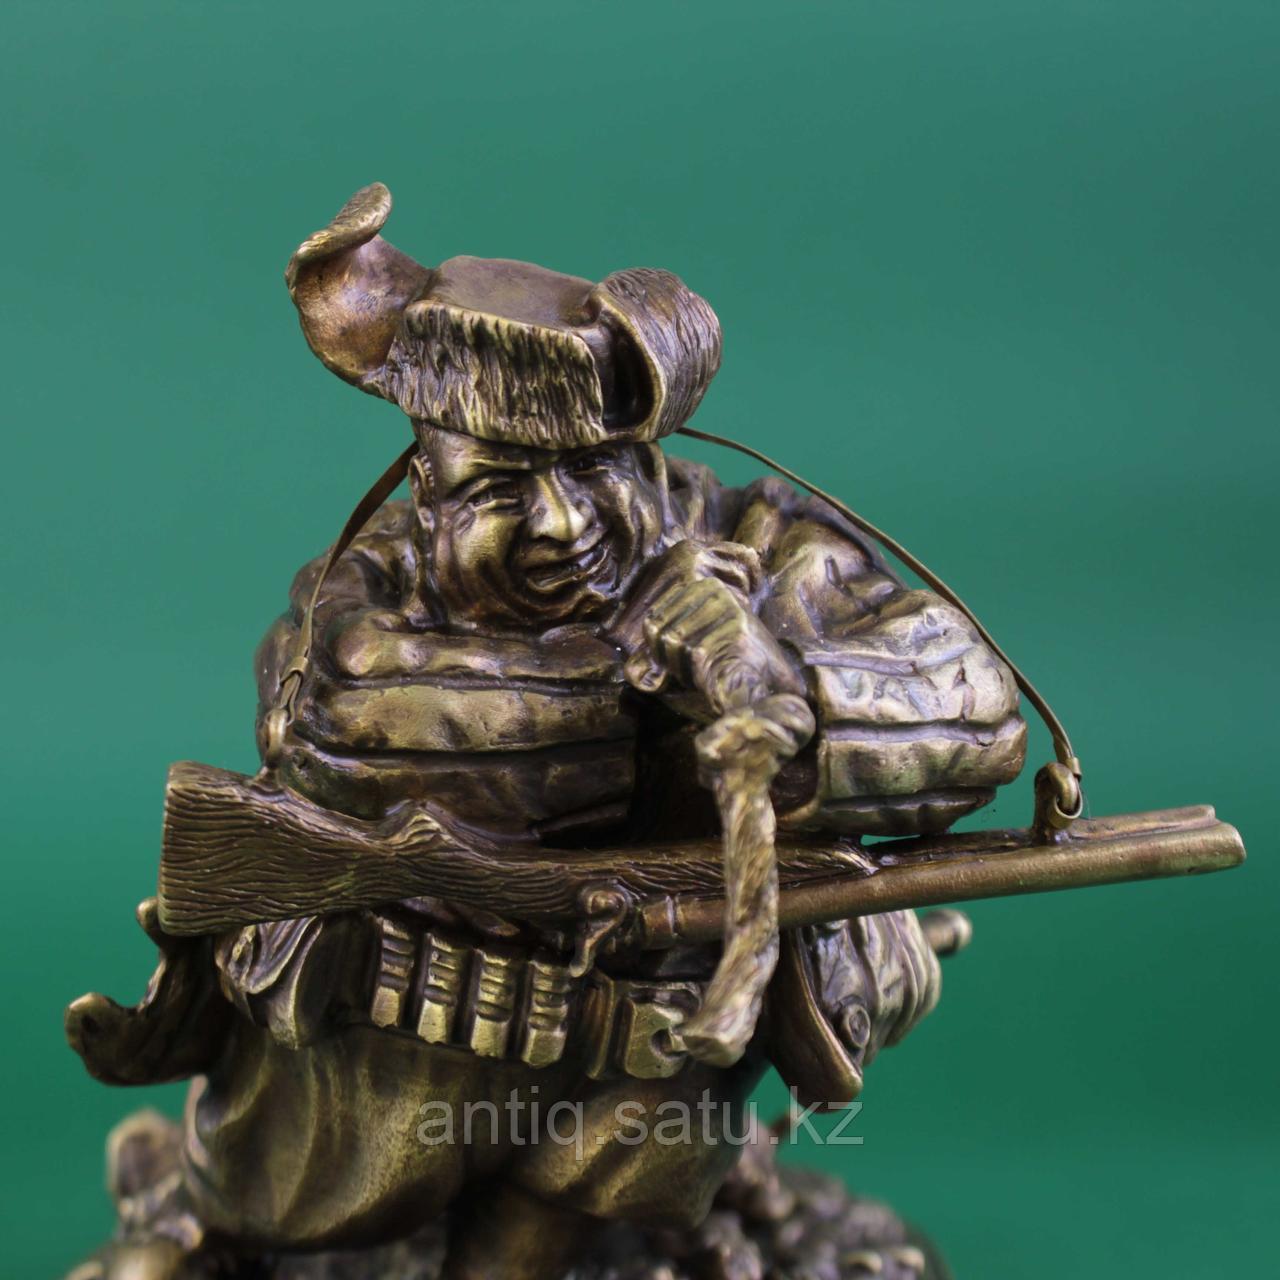 Удачливый охотник. Россия, современная коллекционная работа из бронзы. - фото 4